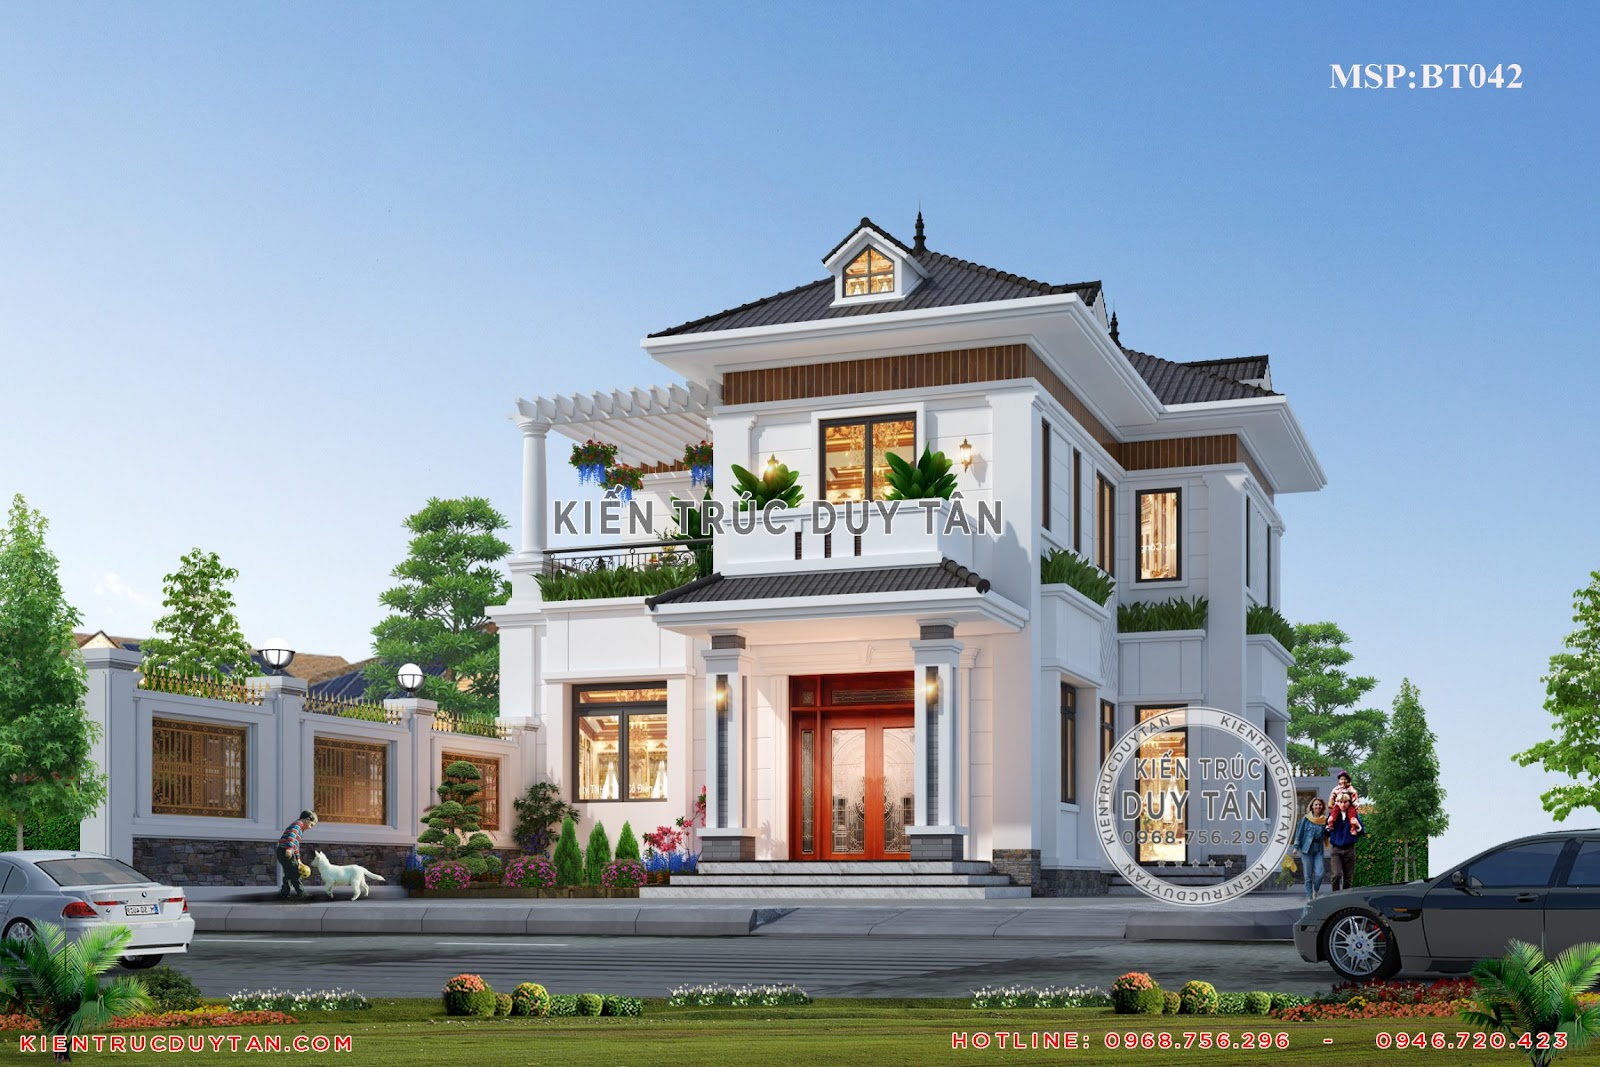 Kiến trúc Duy Tân đơn vị uy tín trong xây dựng biệt thự 2 tầng giá cả hợp lý